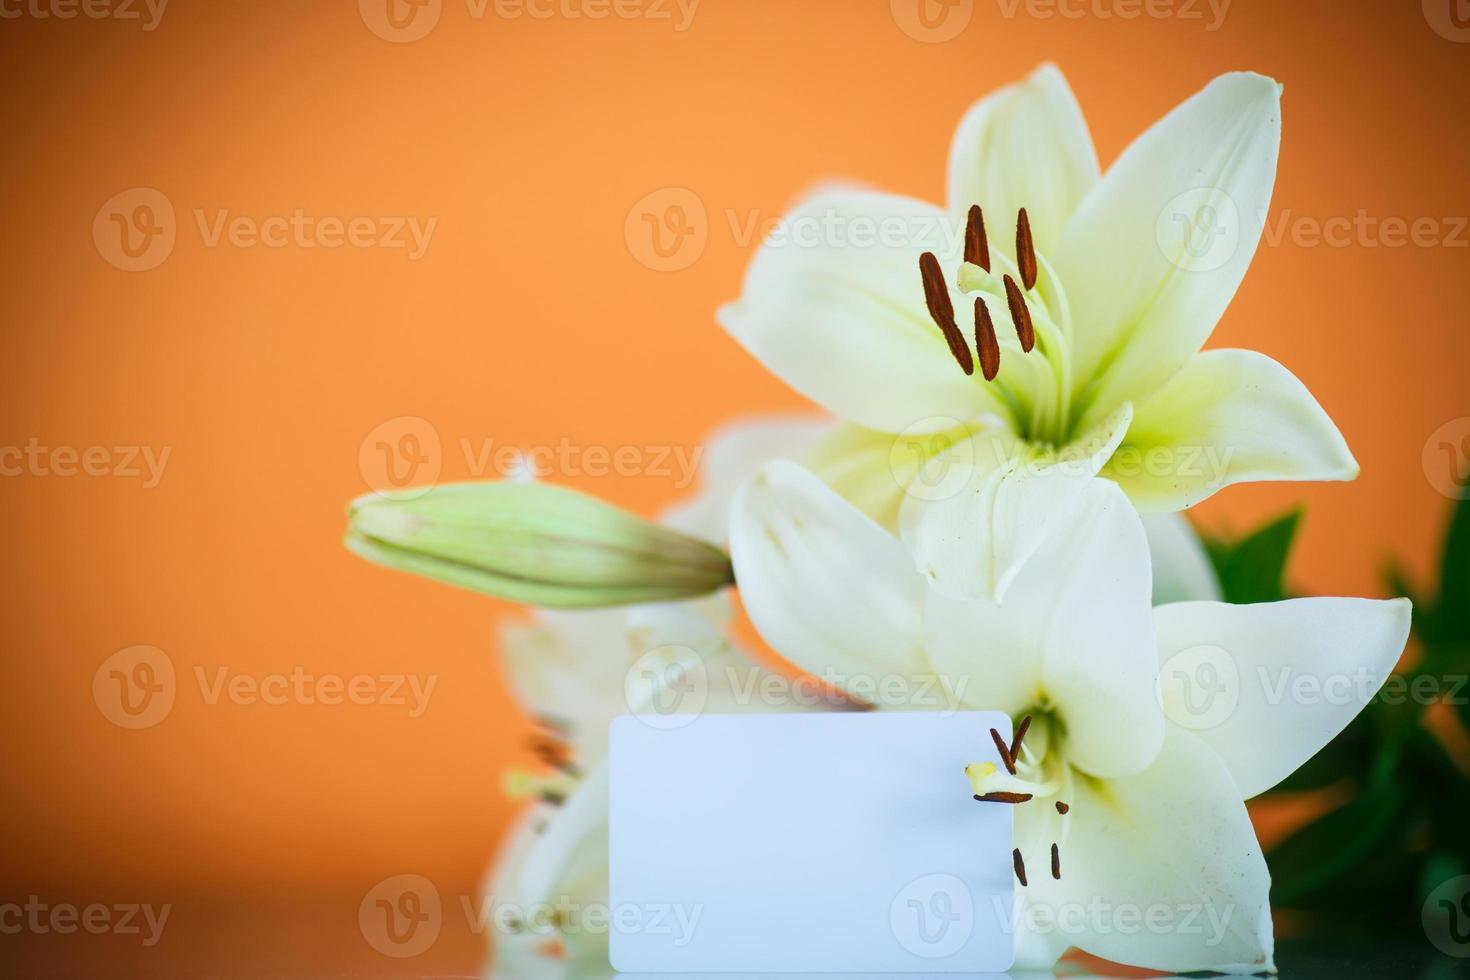 vit lilja foto